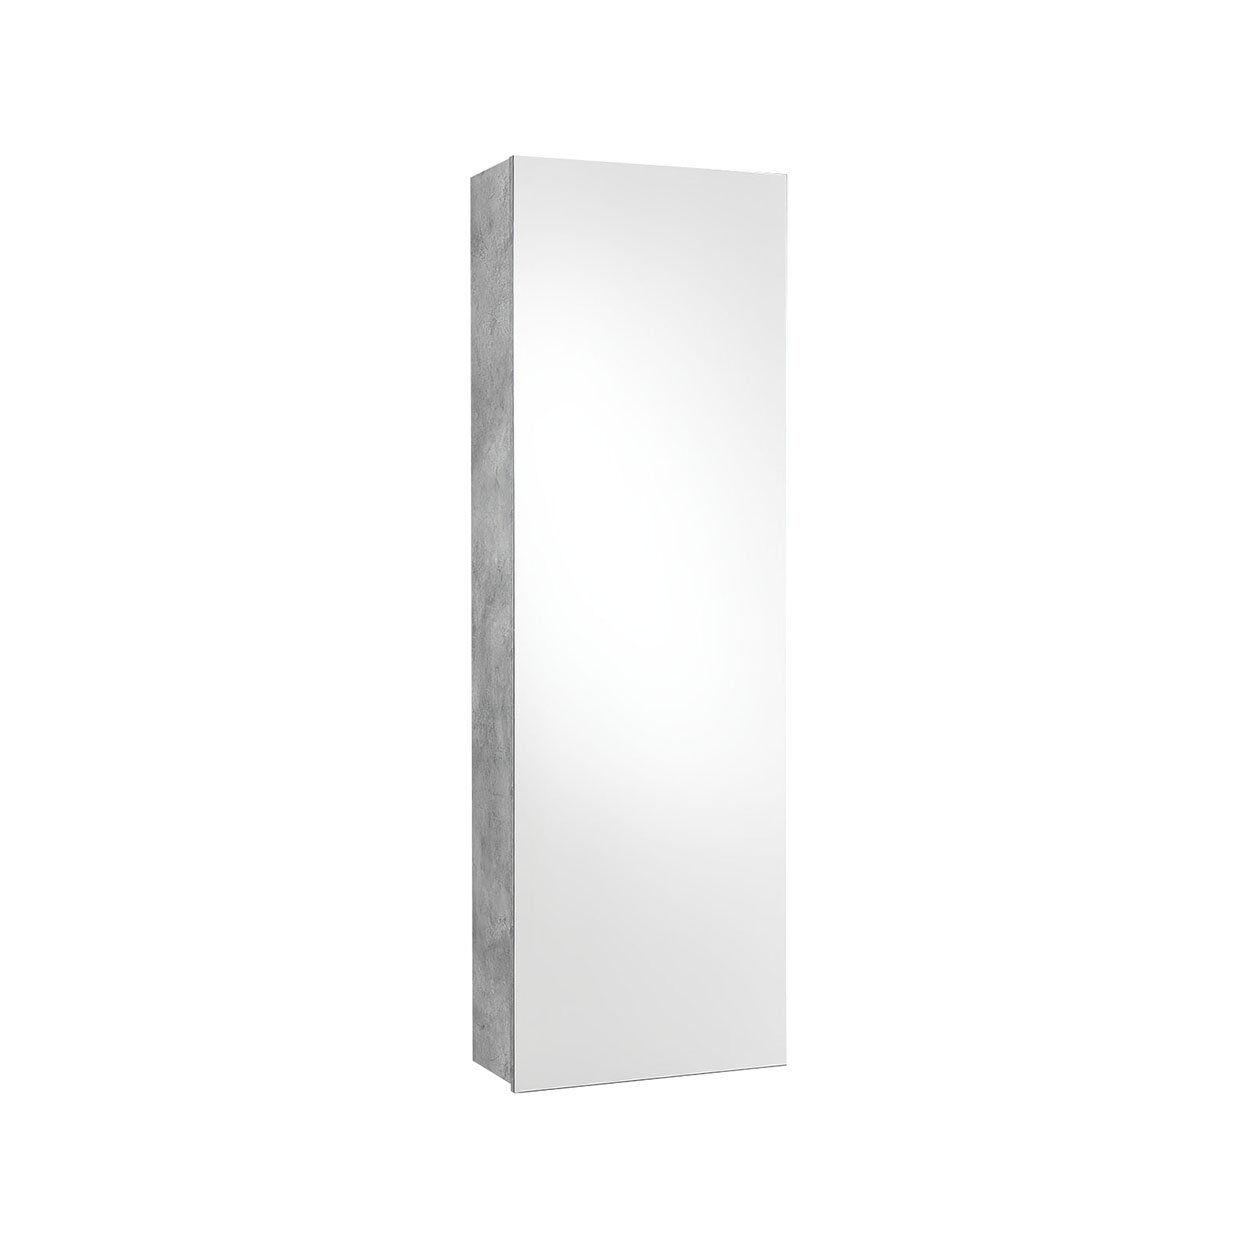 TFT Ingressi Scarpiera/Scaffale con specchio FREE, cemento